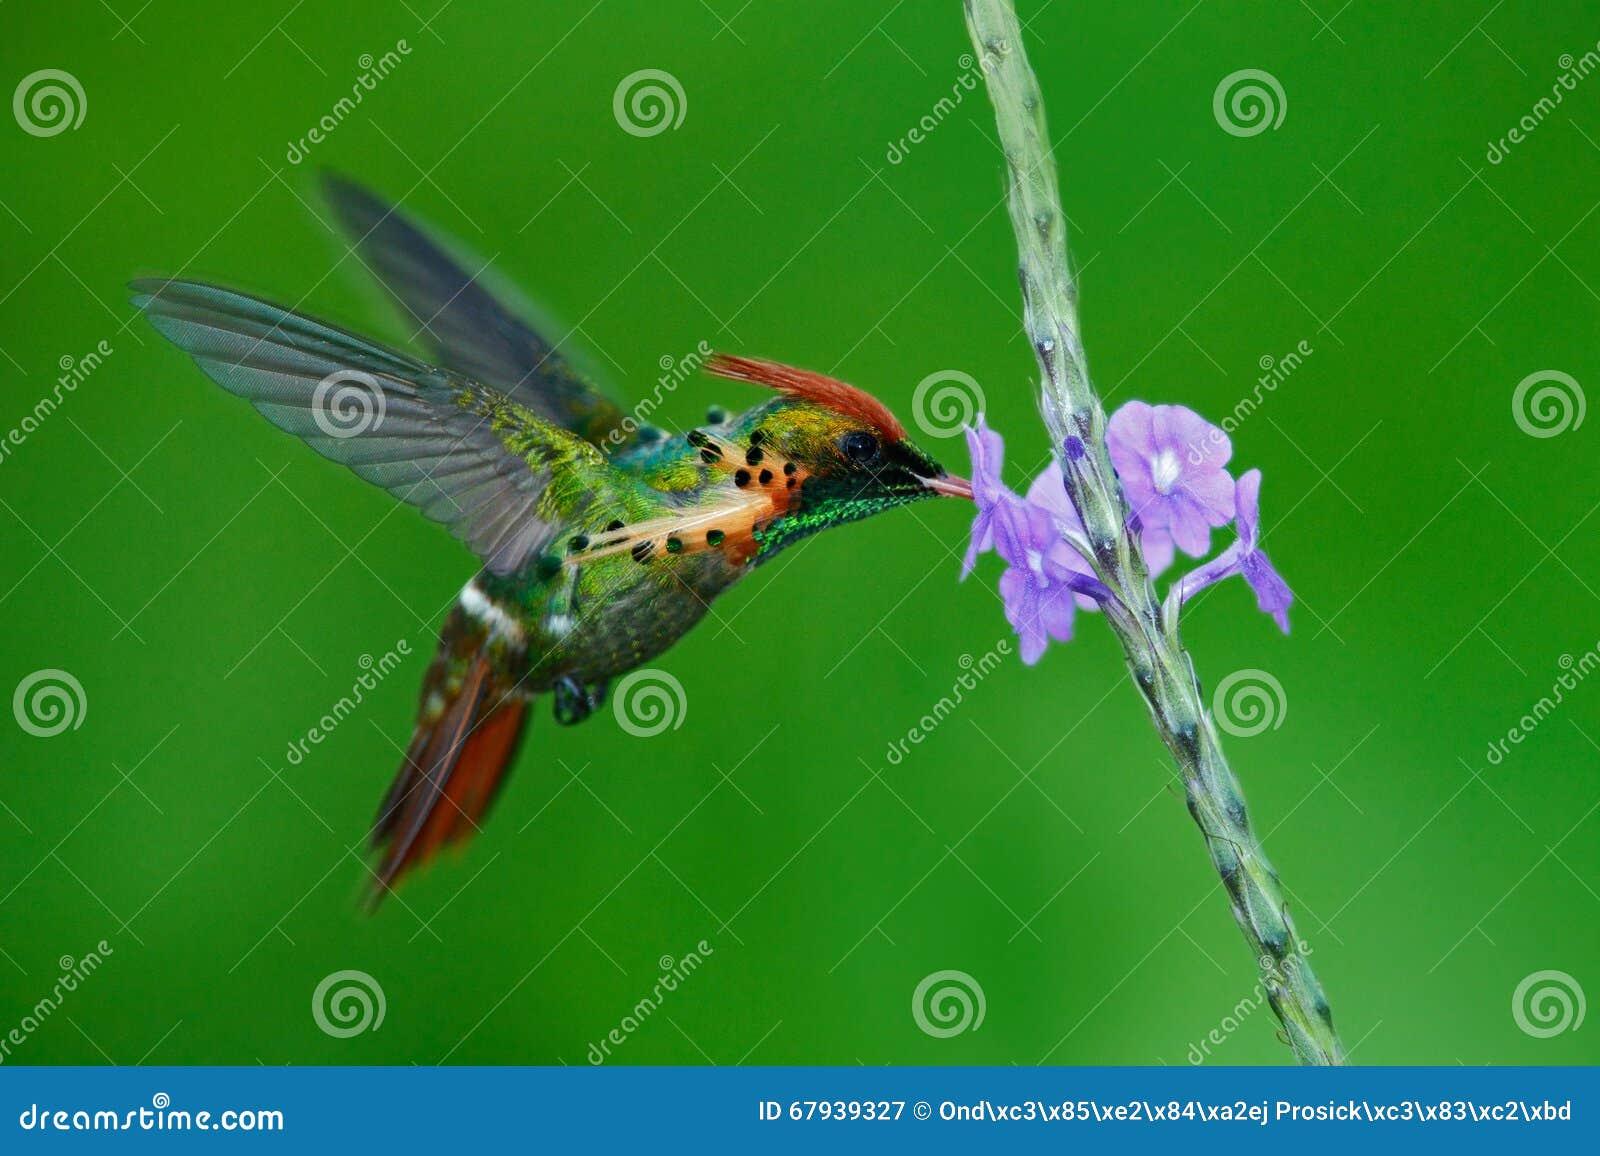 Φουντωτή κοκέτα, ζωηρόχρωμο κολίβριο με τον πορτοκαλή λόφο και περιλαίμιο στον πράσινο και ιώδη βιότοπο λουλουδιών,